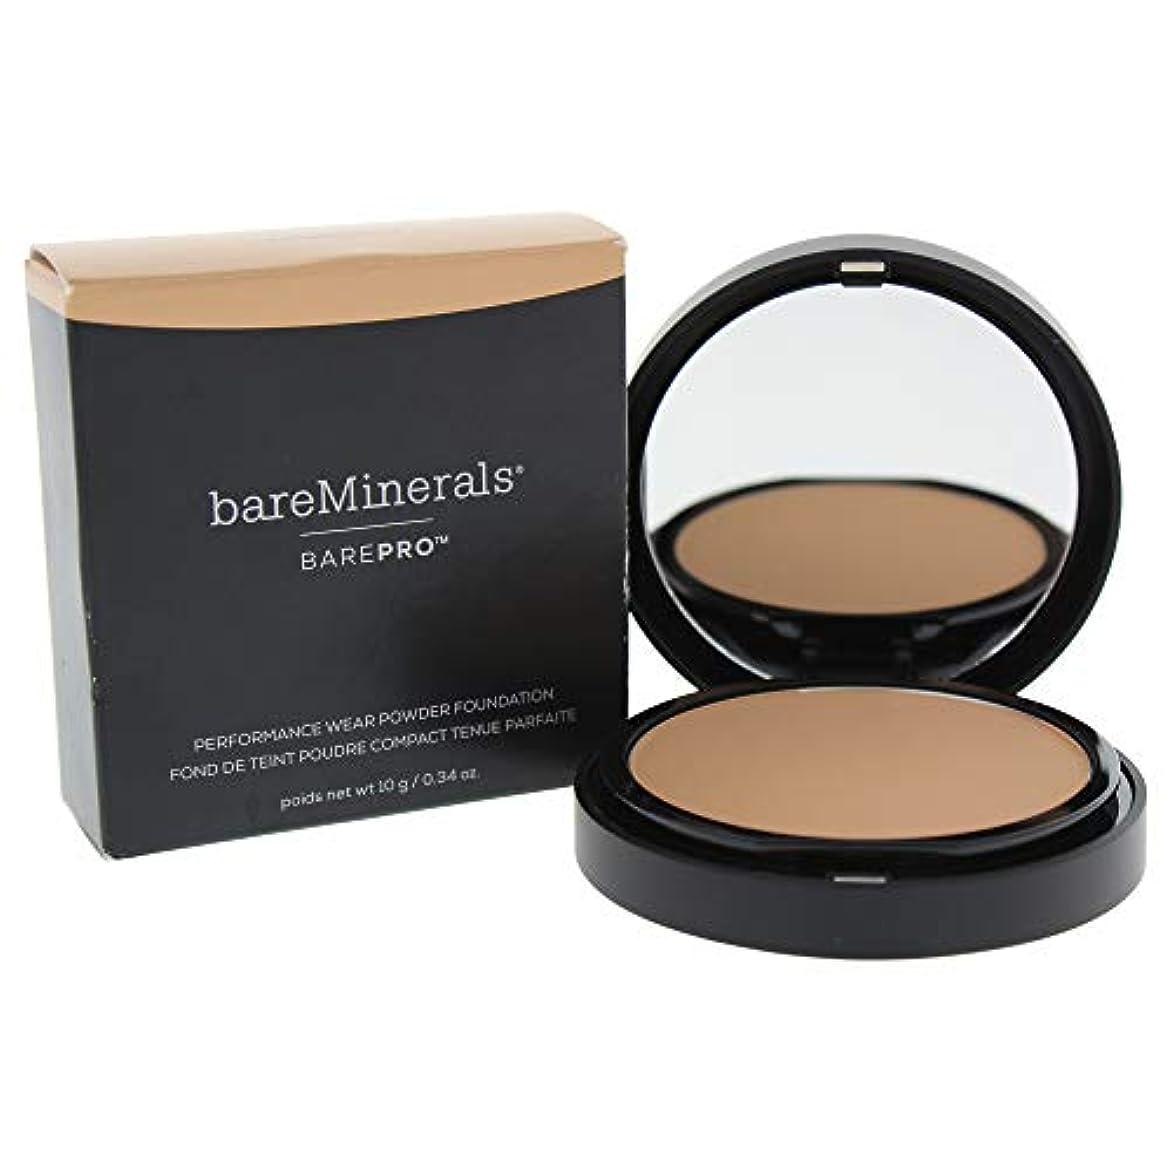 忌まわしいピアースナチュラルベアミネラル BarePro Performance Wear Powder Foundation - # 16 Sandstone 10g/0.34oz並行輸入品